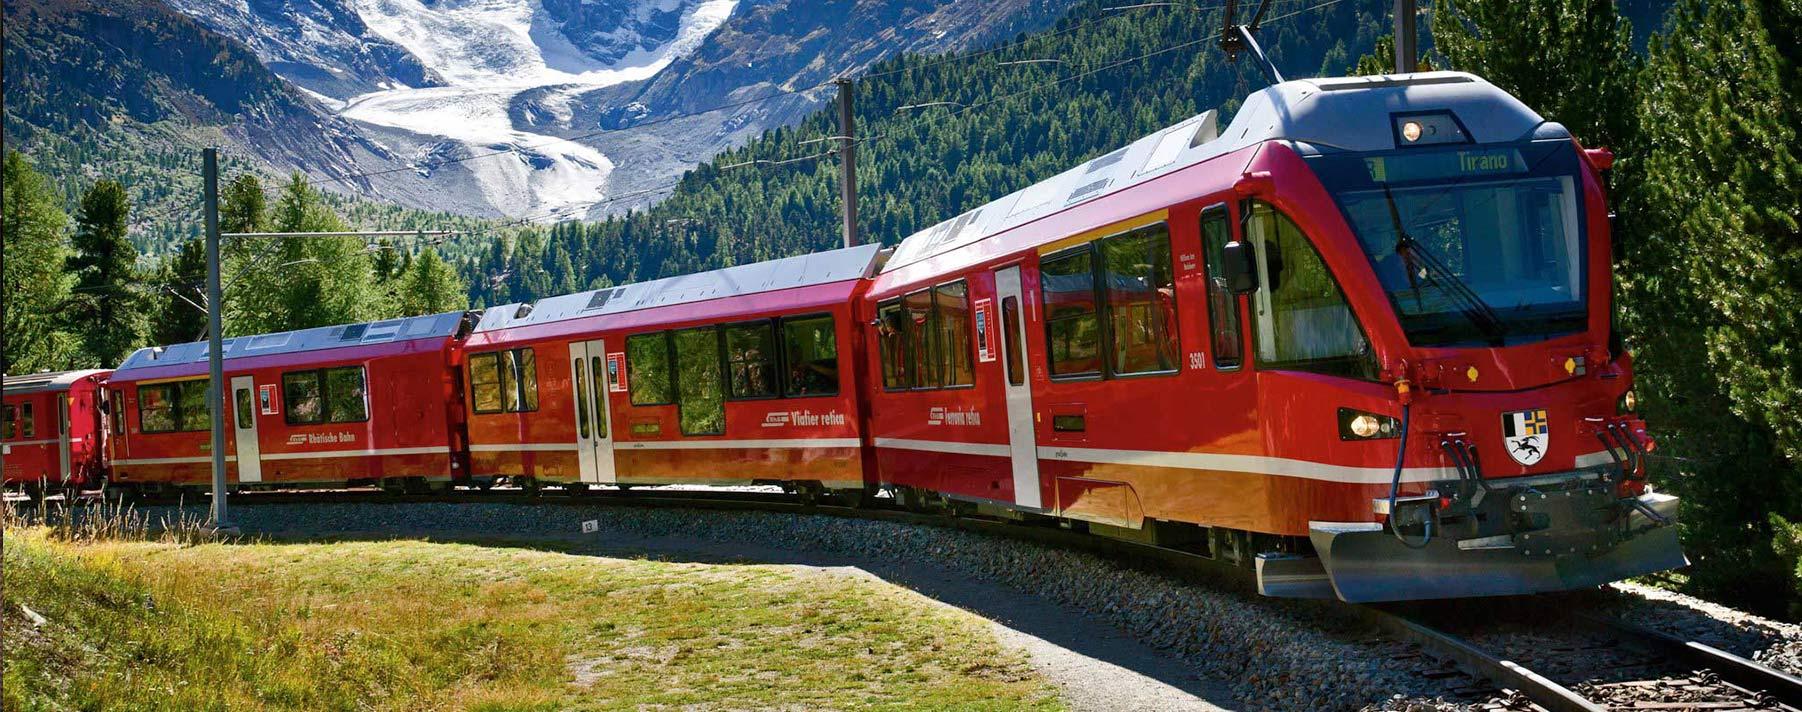 Este increíble viaje en el Bernina Express comienza en Coira, Suiza, y atraviesa los Alpes hasta llegar a Tirano, en Italia.